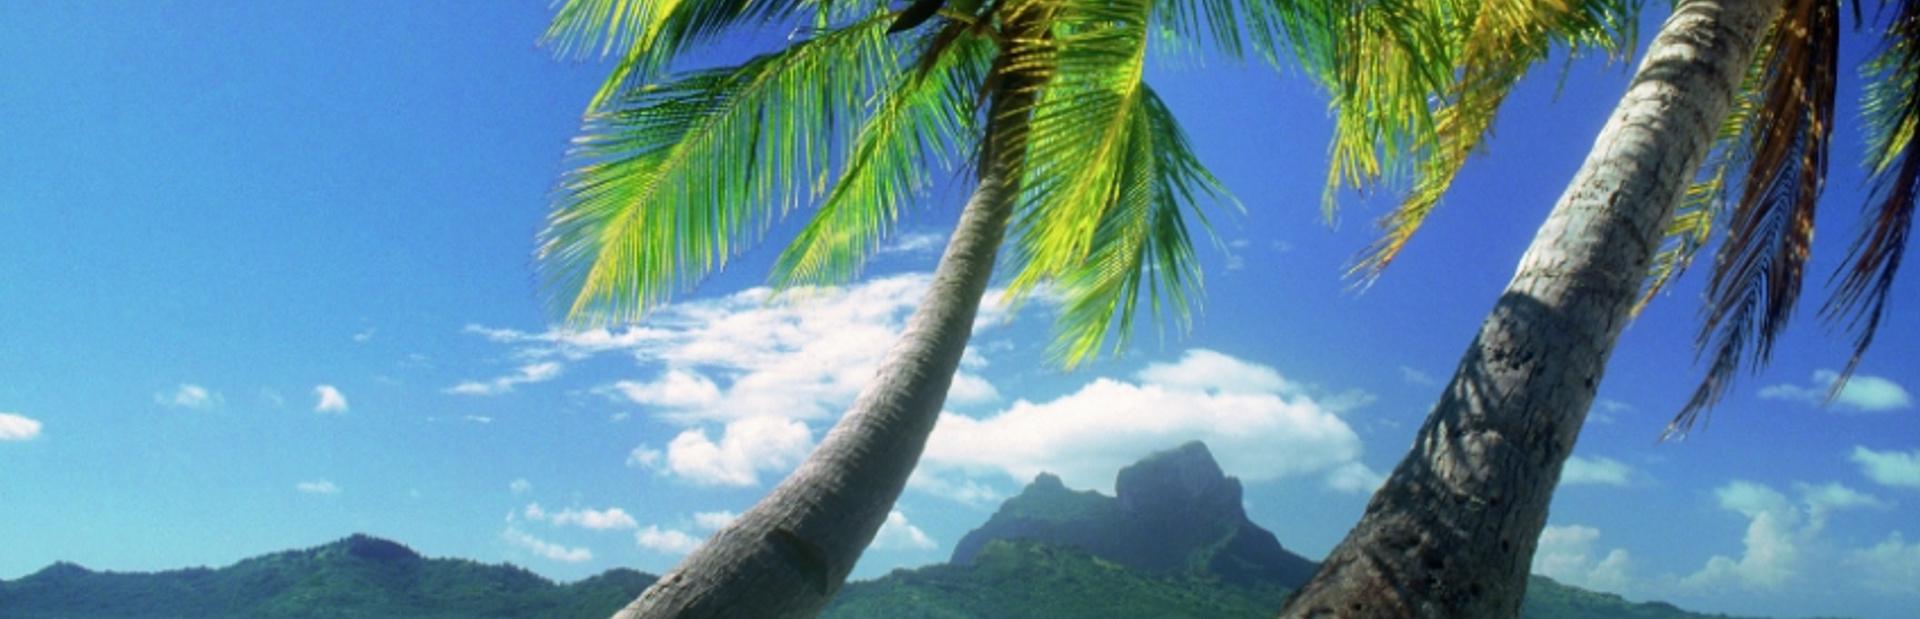 French Polynesia news photo